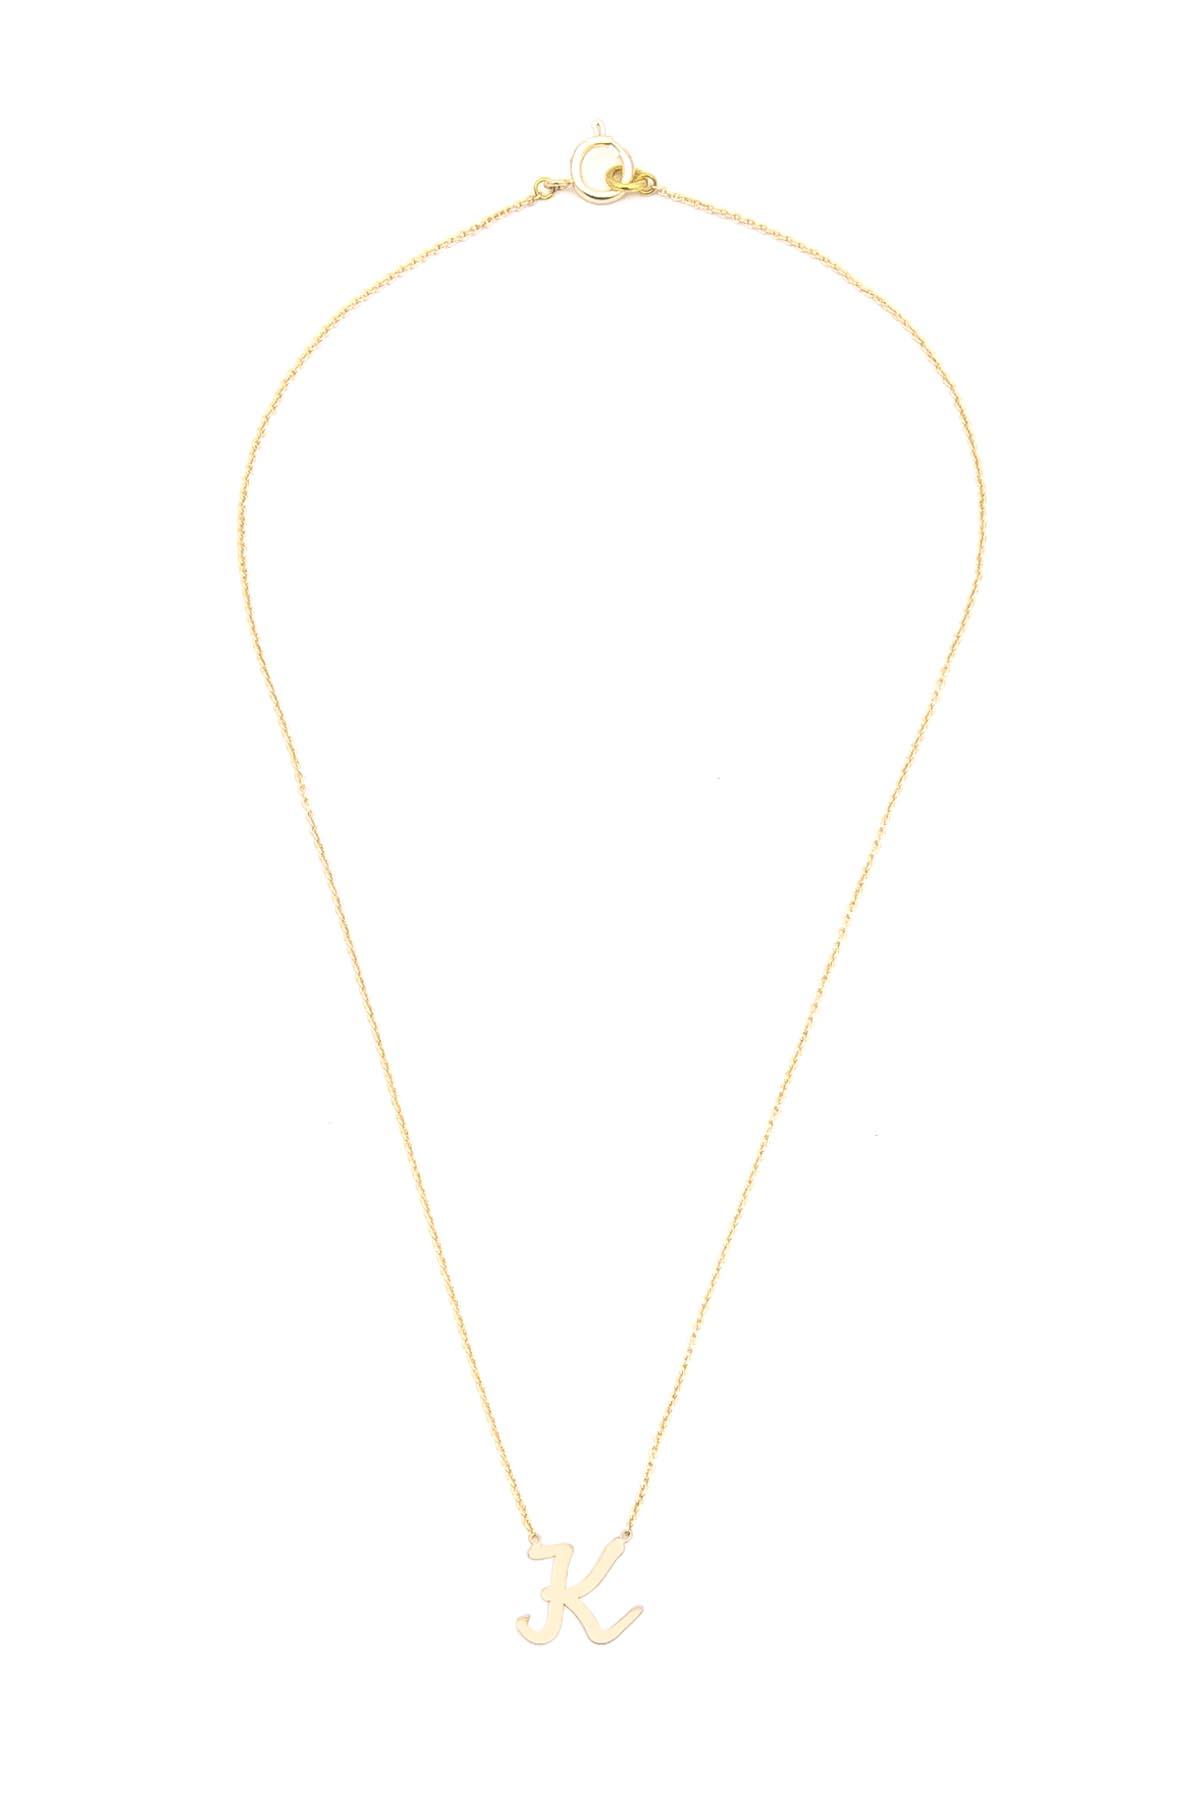 2e94c6da956af3 K - Handwritten Script Initial Necklace - Upper Case -K- Initial ...